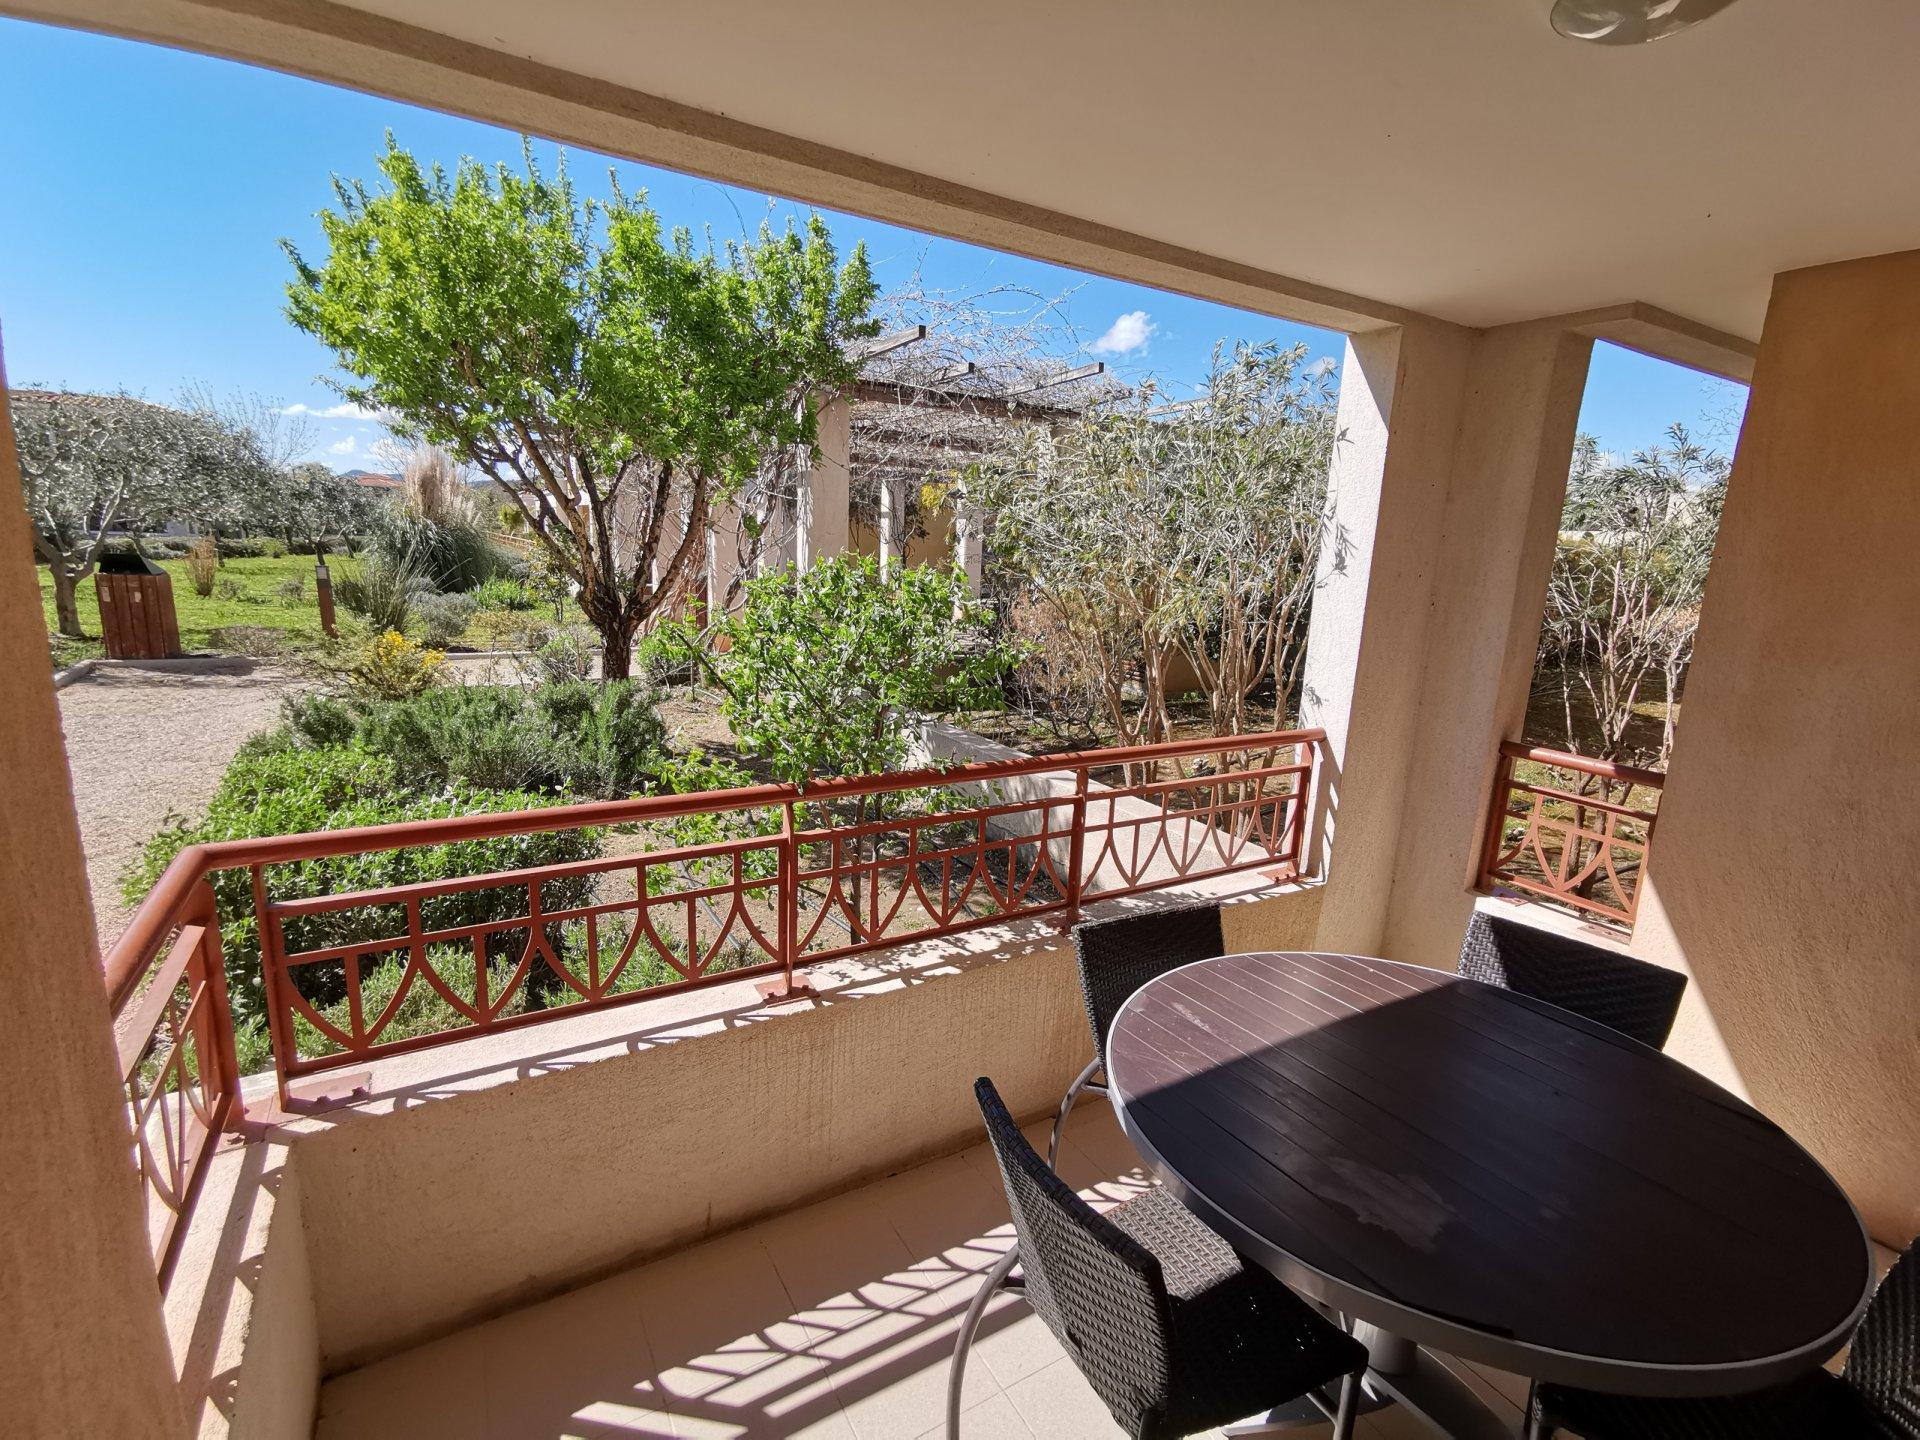 2 bedroom apartement in Mimozas - Mandelieu la Napoule